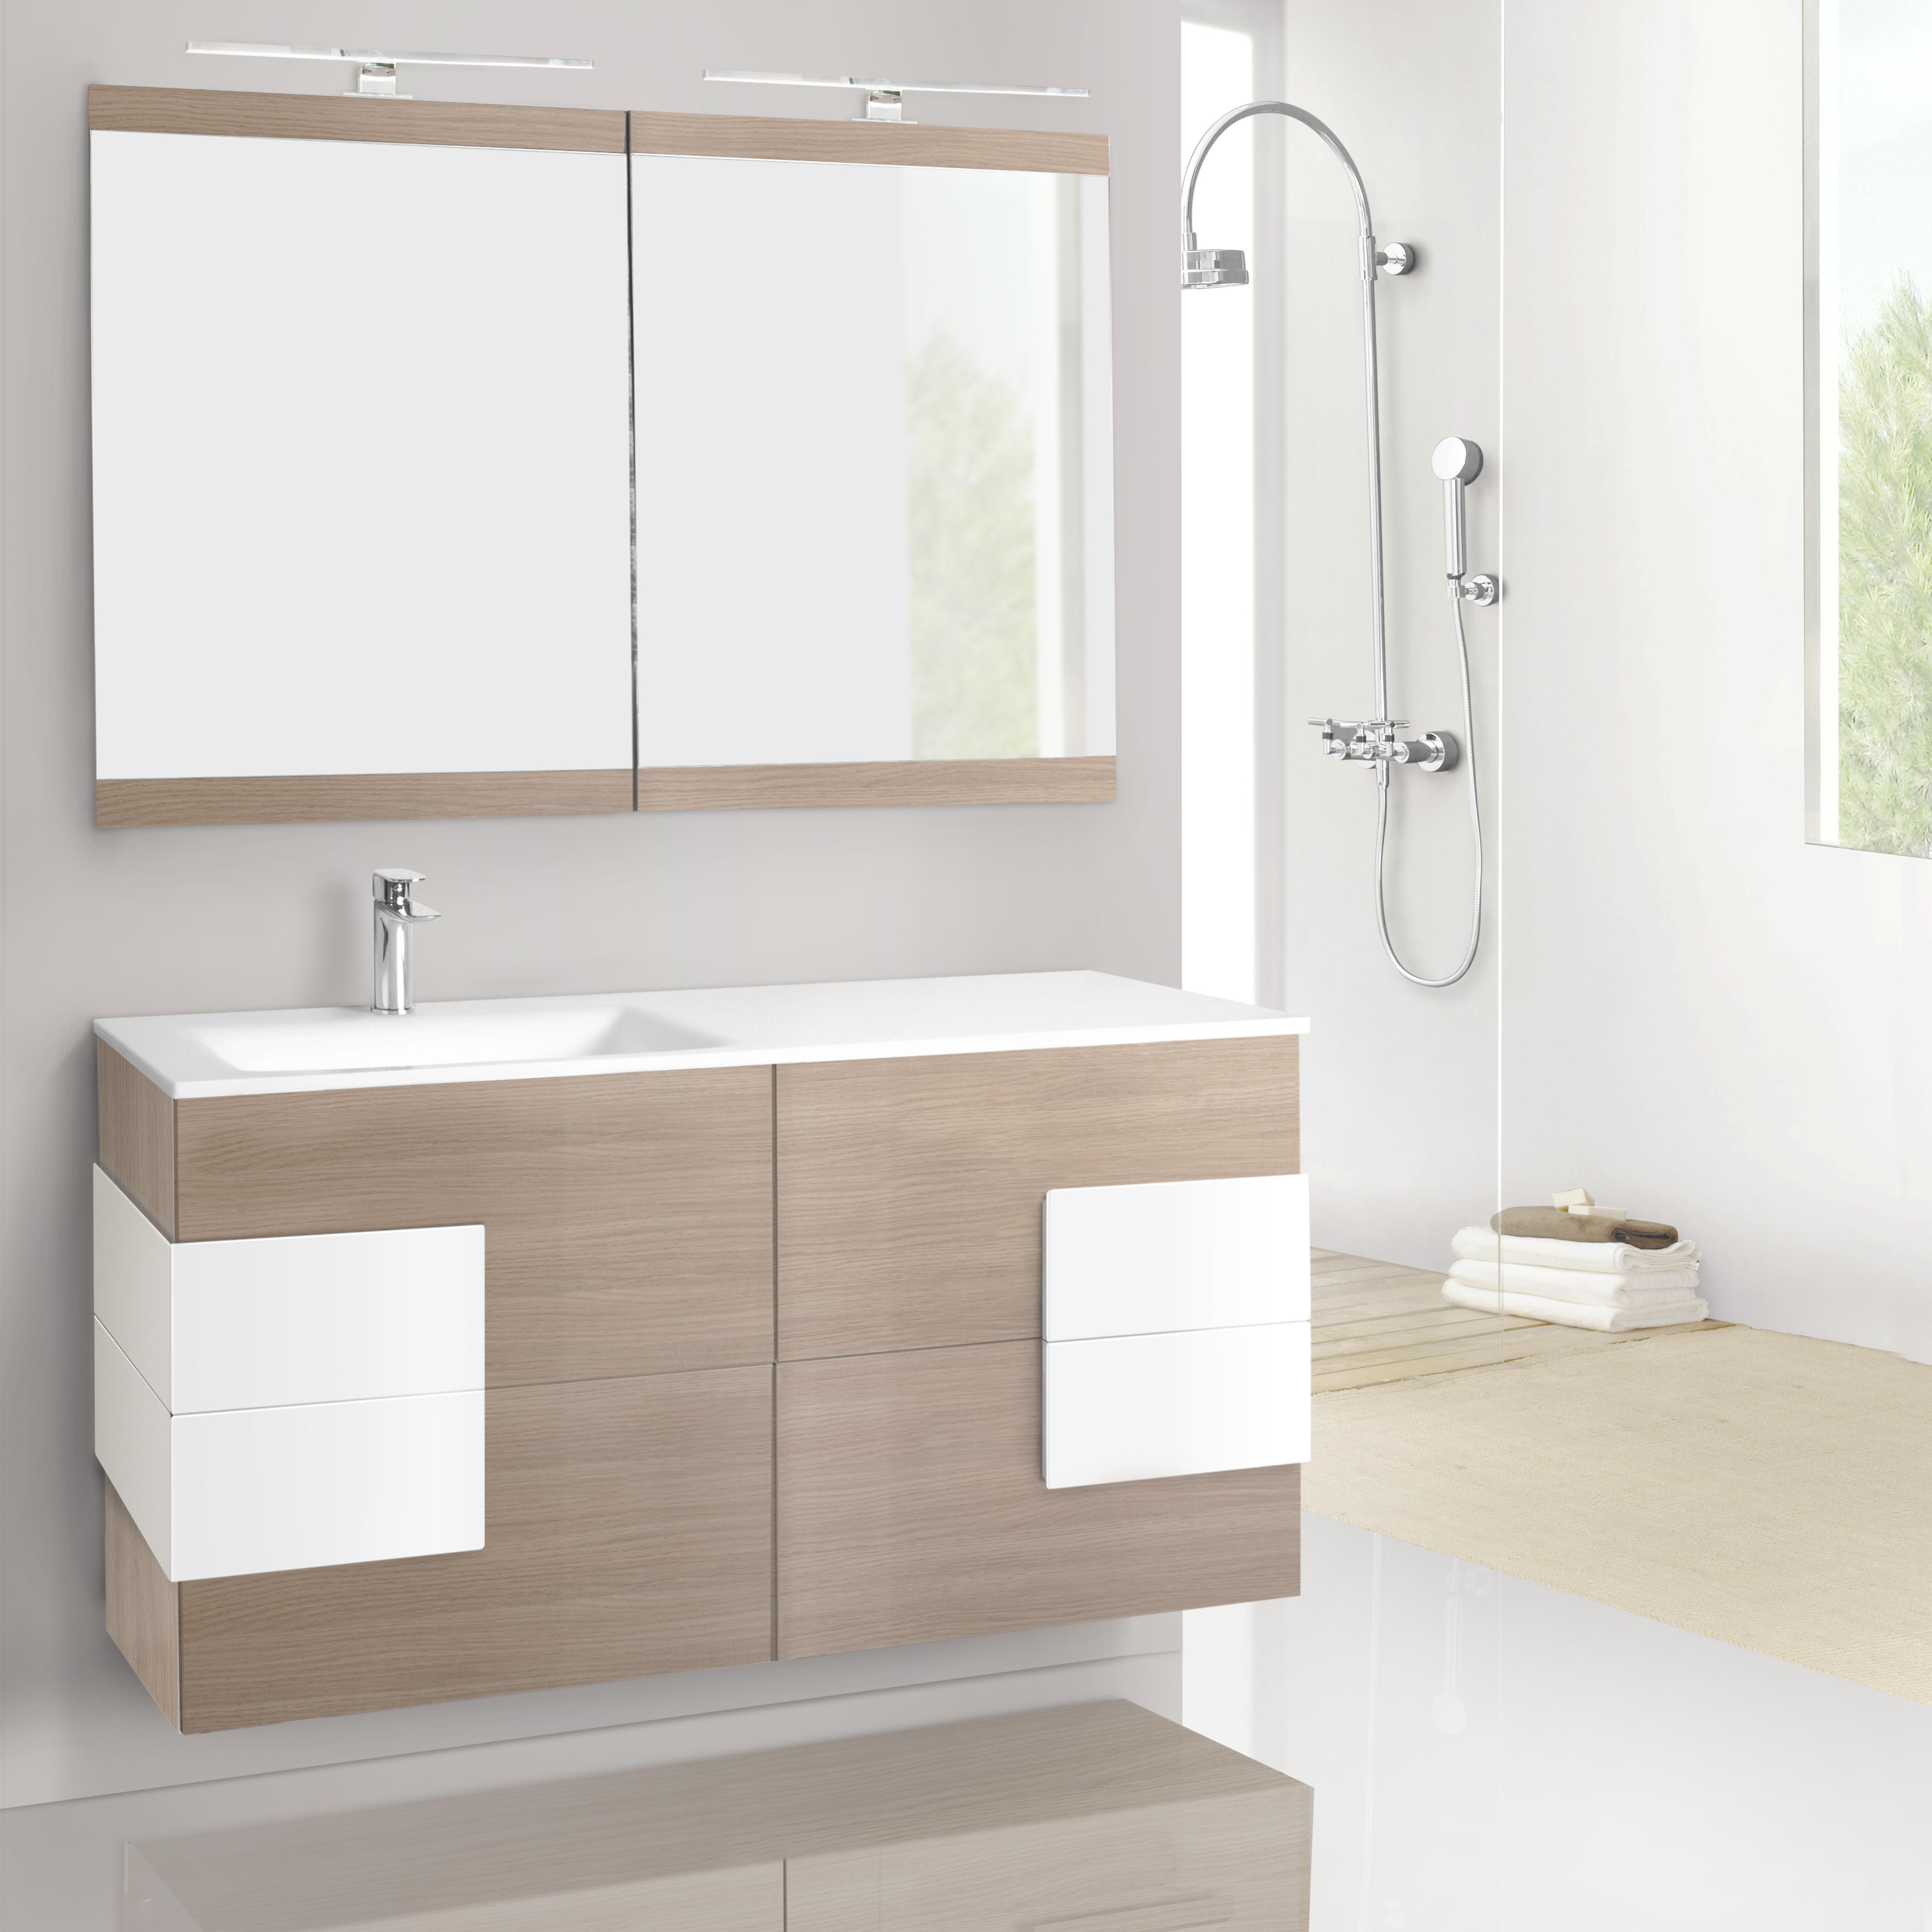 Muebles Para Baño Ferrari:Baño Modelo Soria 120